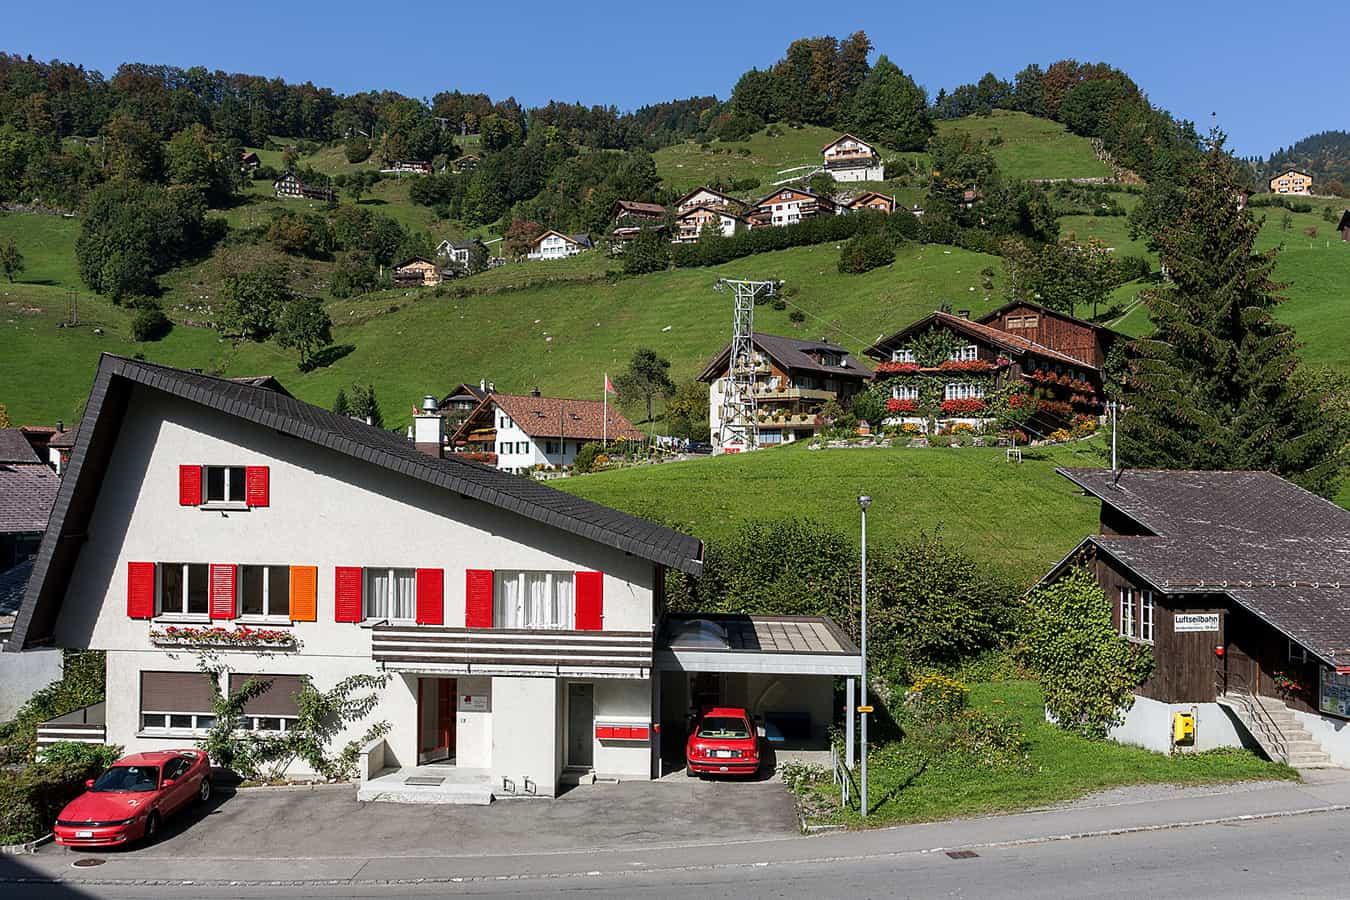 Talstation der Luftseilbahn Vorderoberberg-St. Karl in Illgau (SZ)